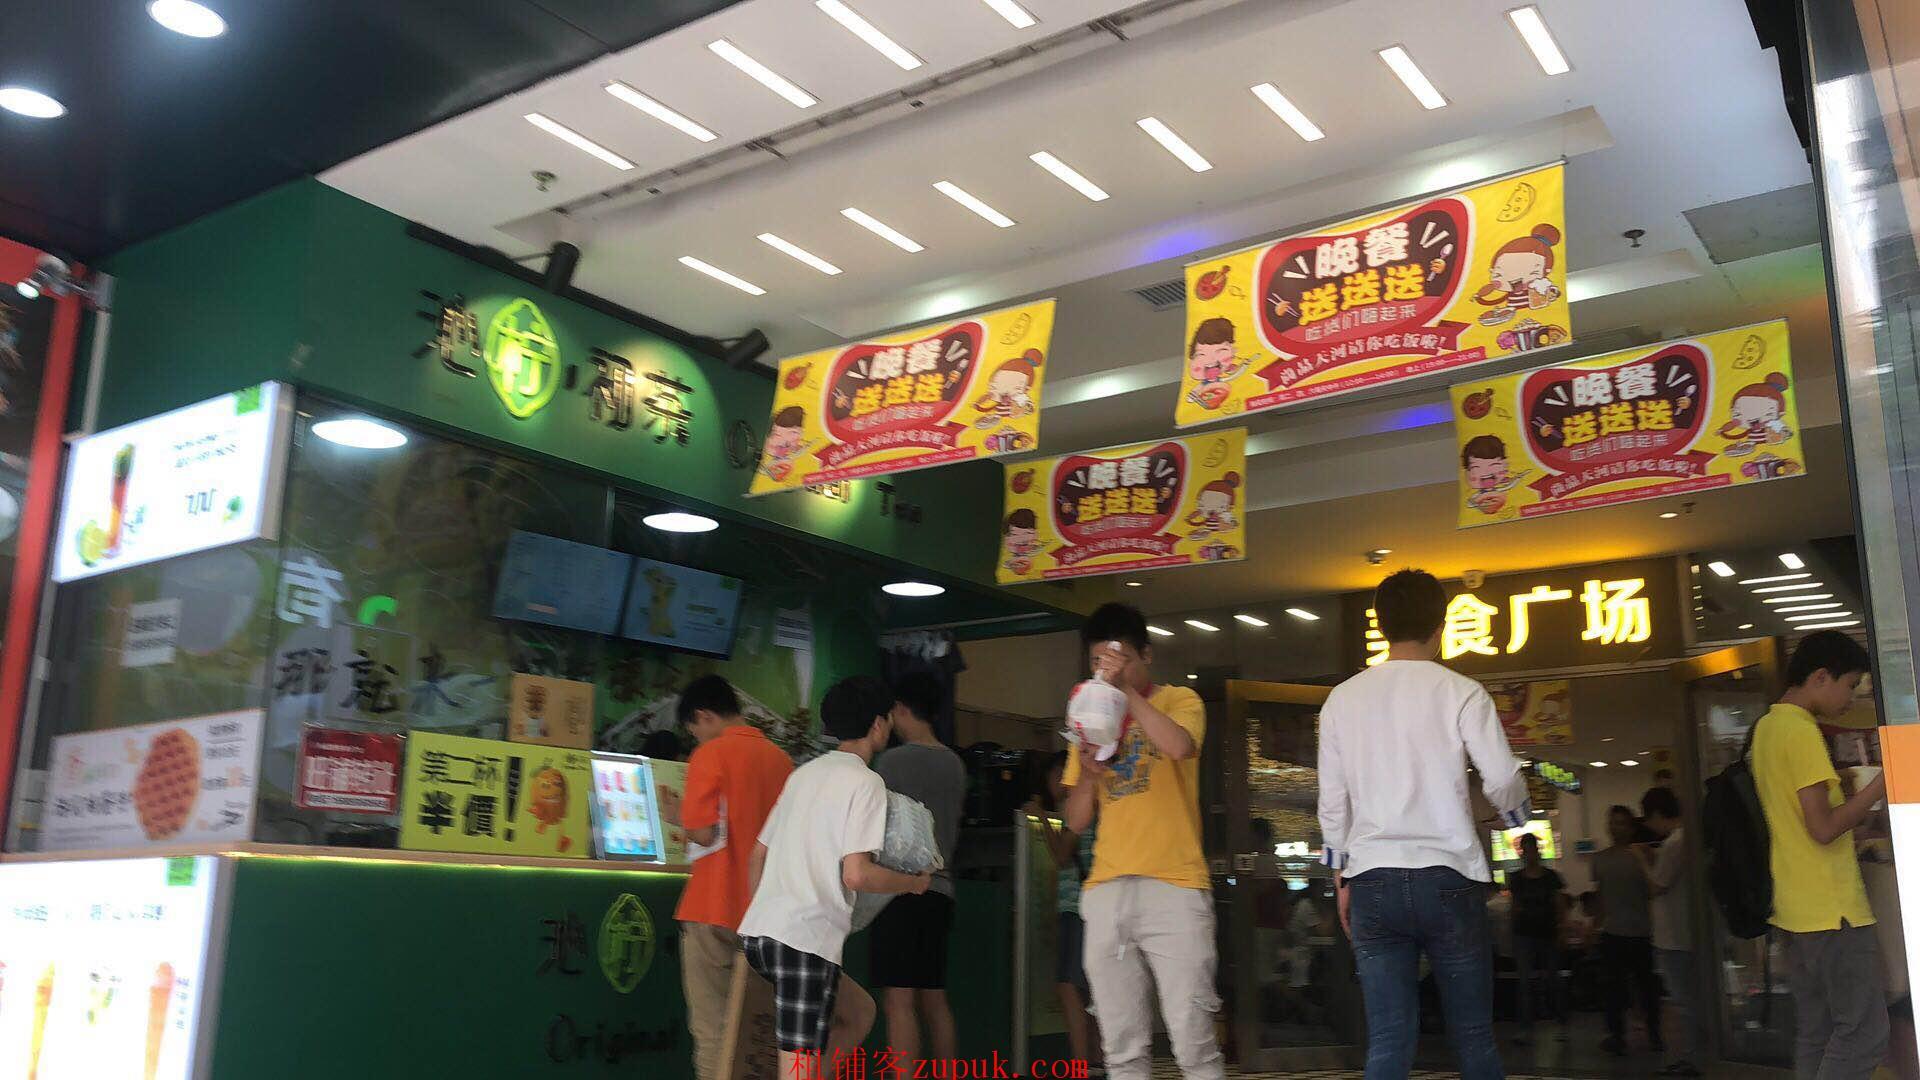 石牌西路临街旺铺  客流量大 适合奶茶早餐小吃等 业态不限